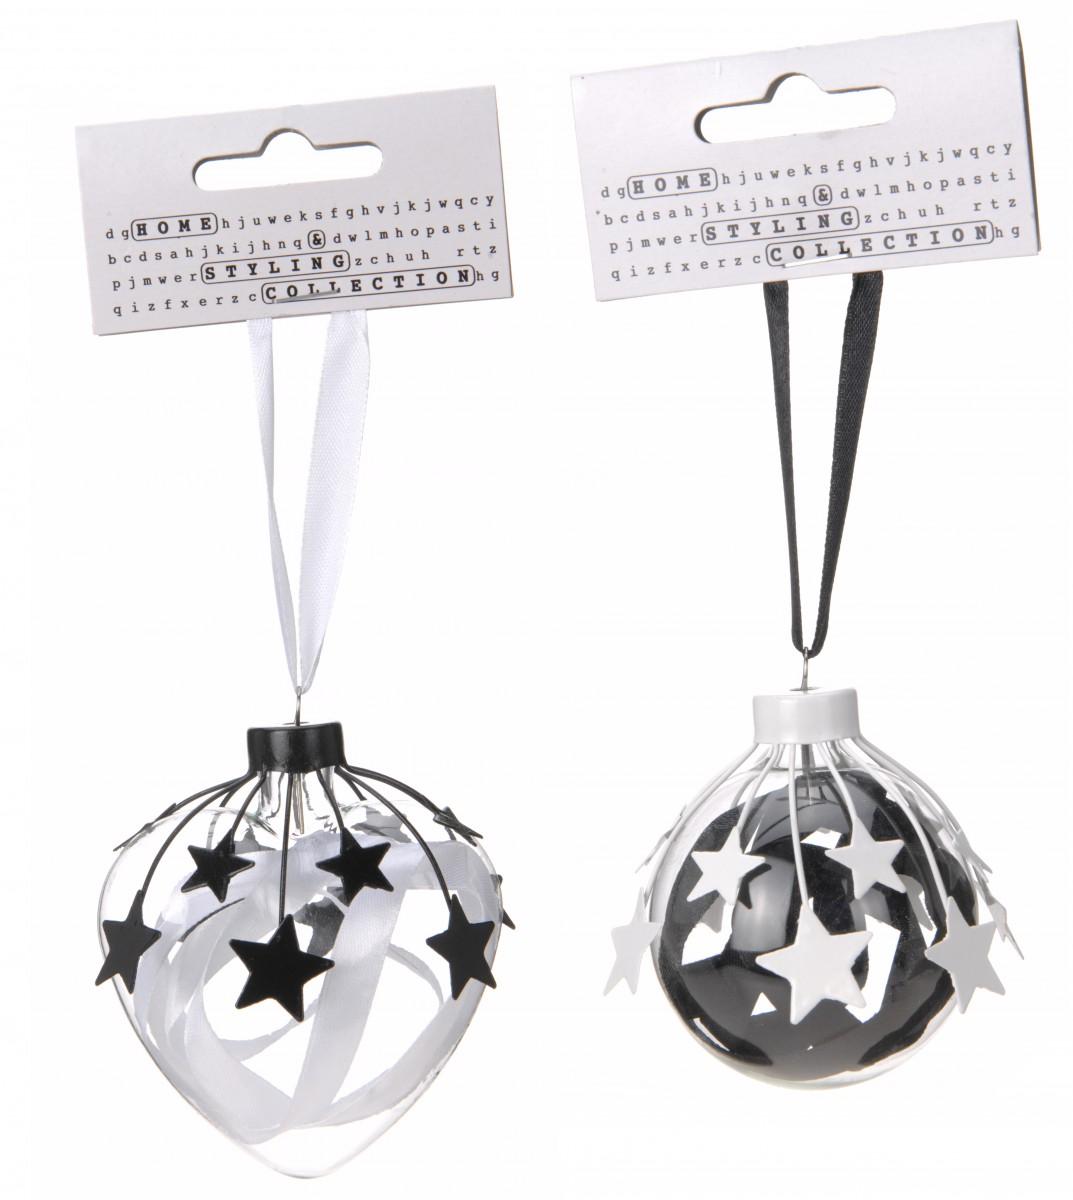 weihnachtskugeln aus kunststoff mit metallsternen in schwarz und wei 7cm. Black Bedroom Furniture Sets. Home Design Ideas